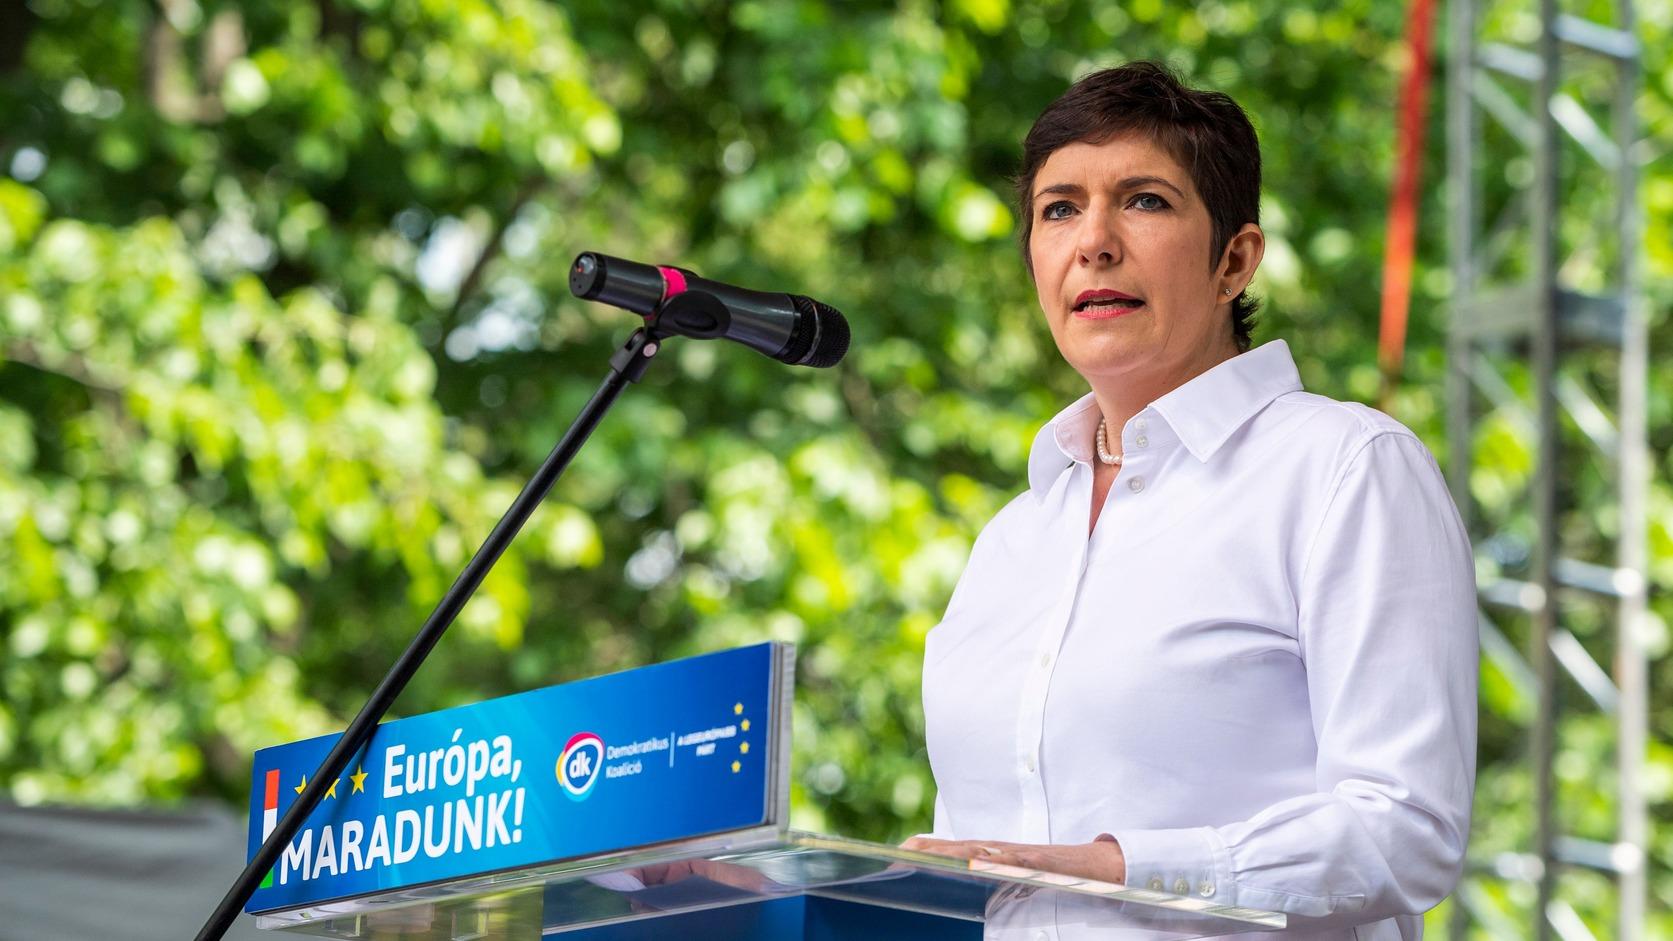 Kommunalwahlen – DK fordert direkten Zugang zu EU-Mitteln für Kommunalbehörden post's picture